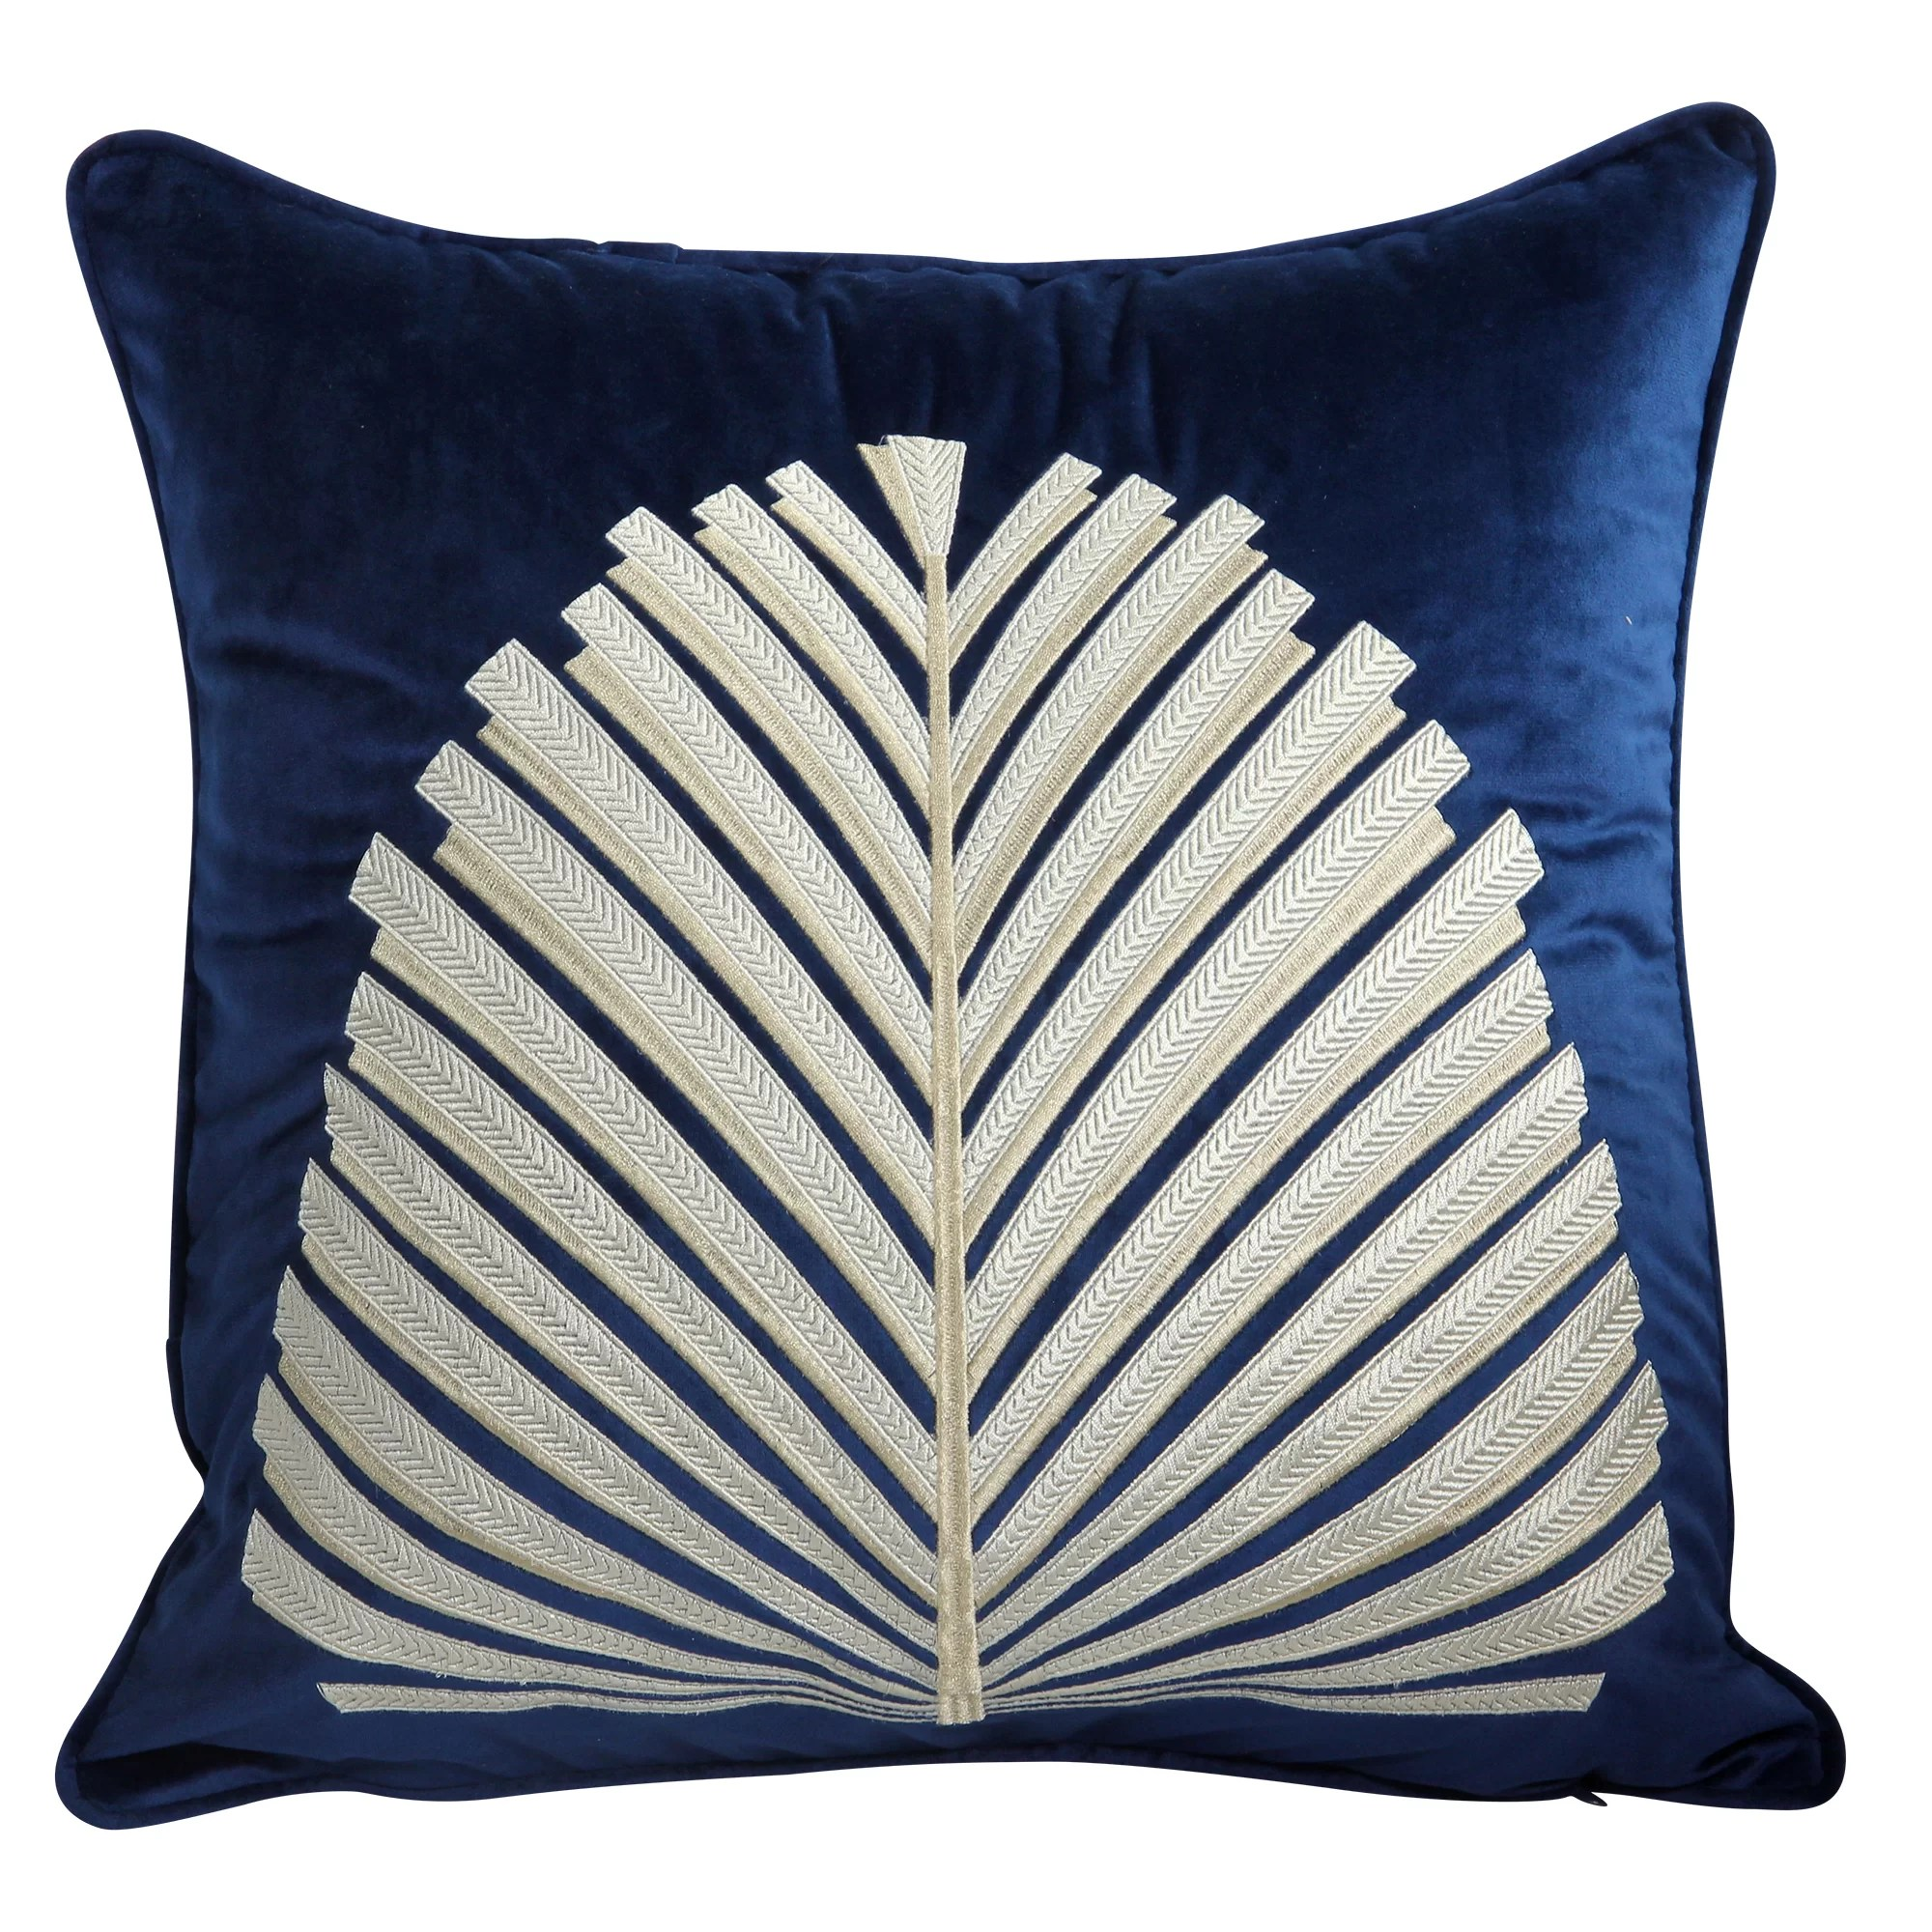 cornett high quality embroidered fan velvet throw pillow cover